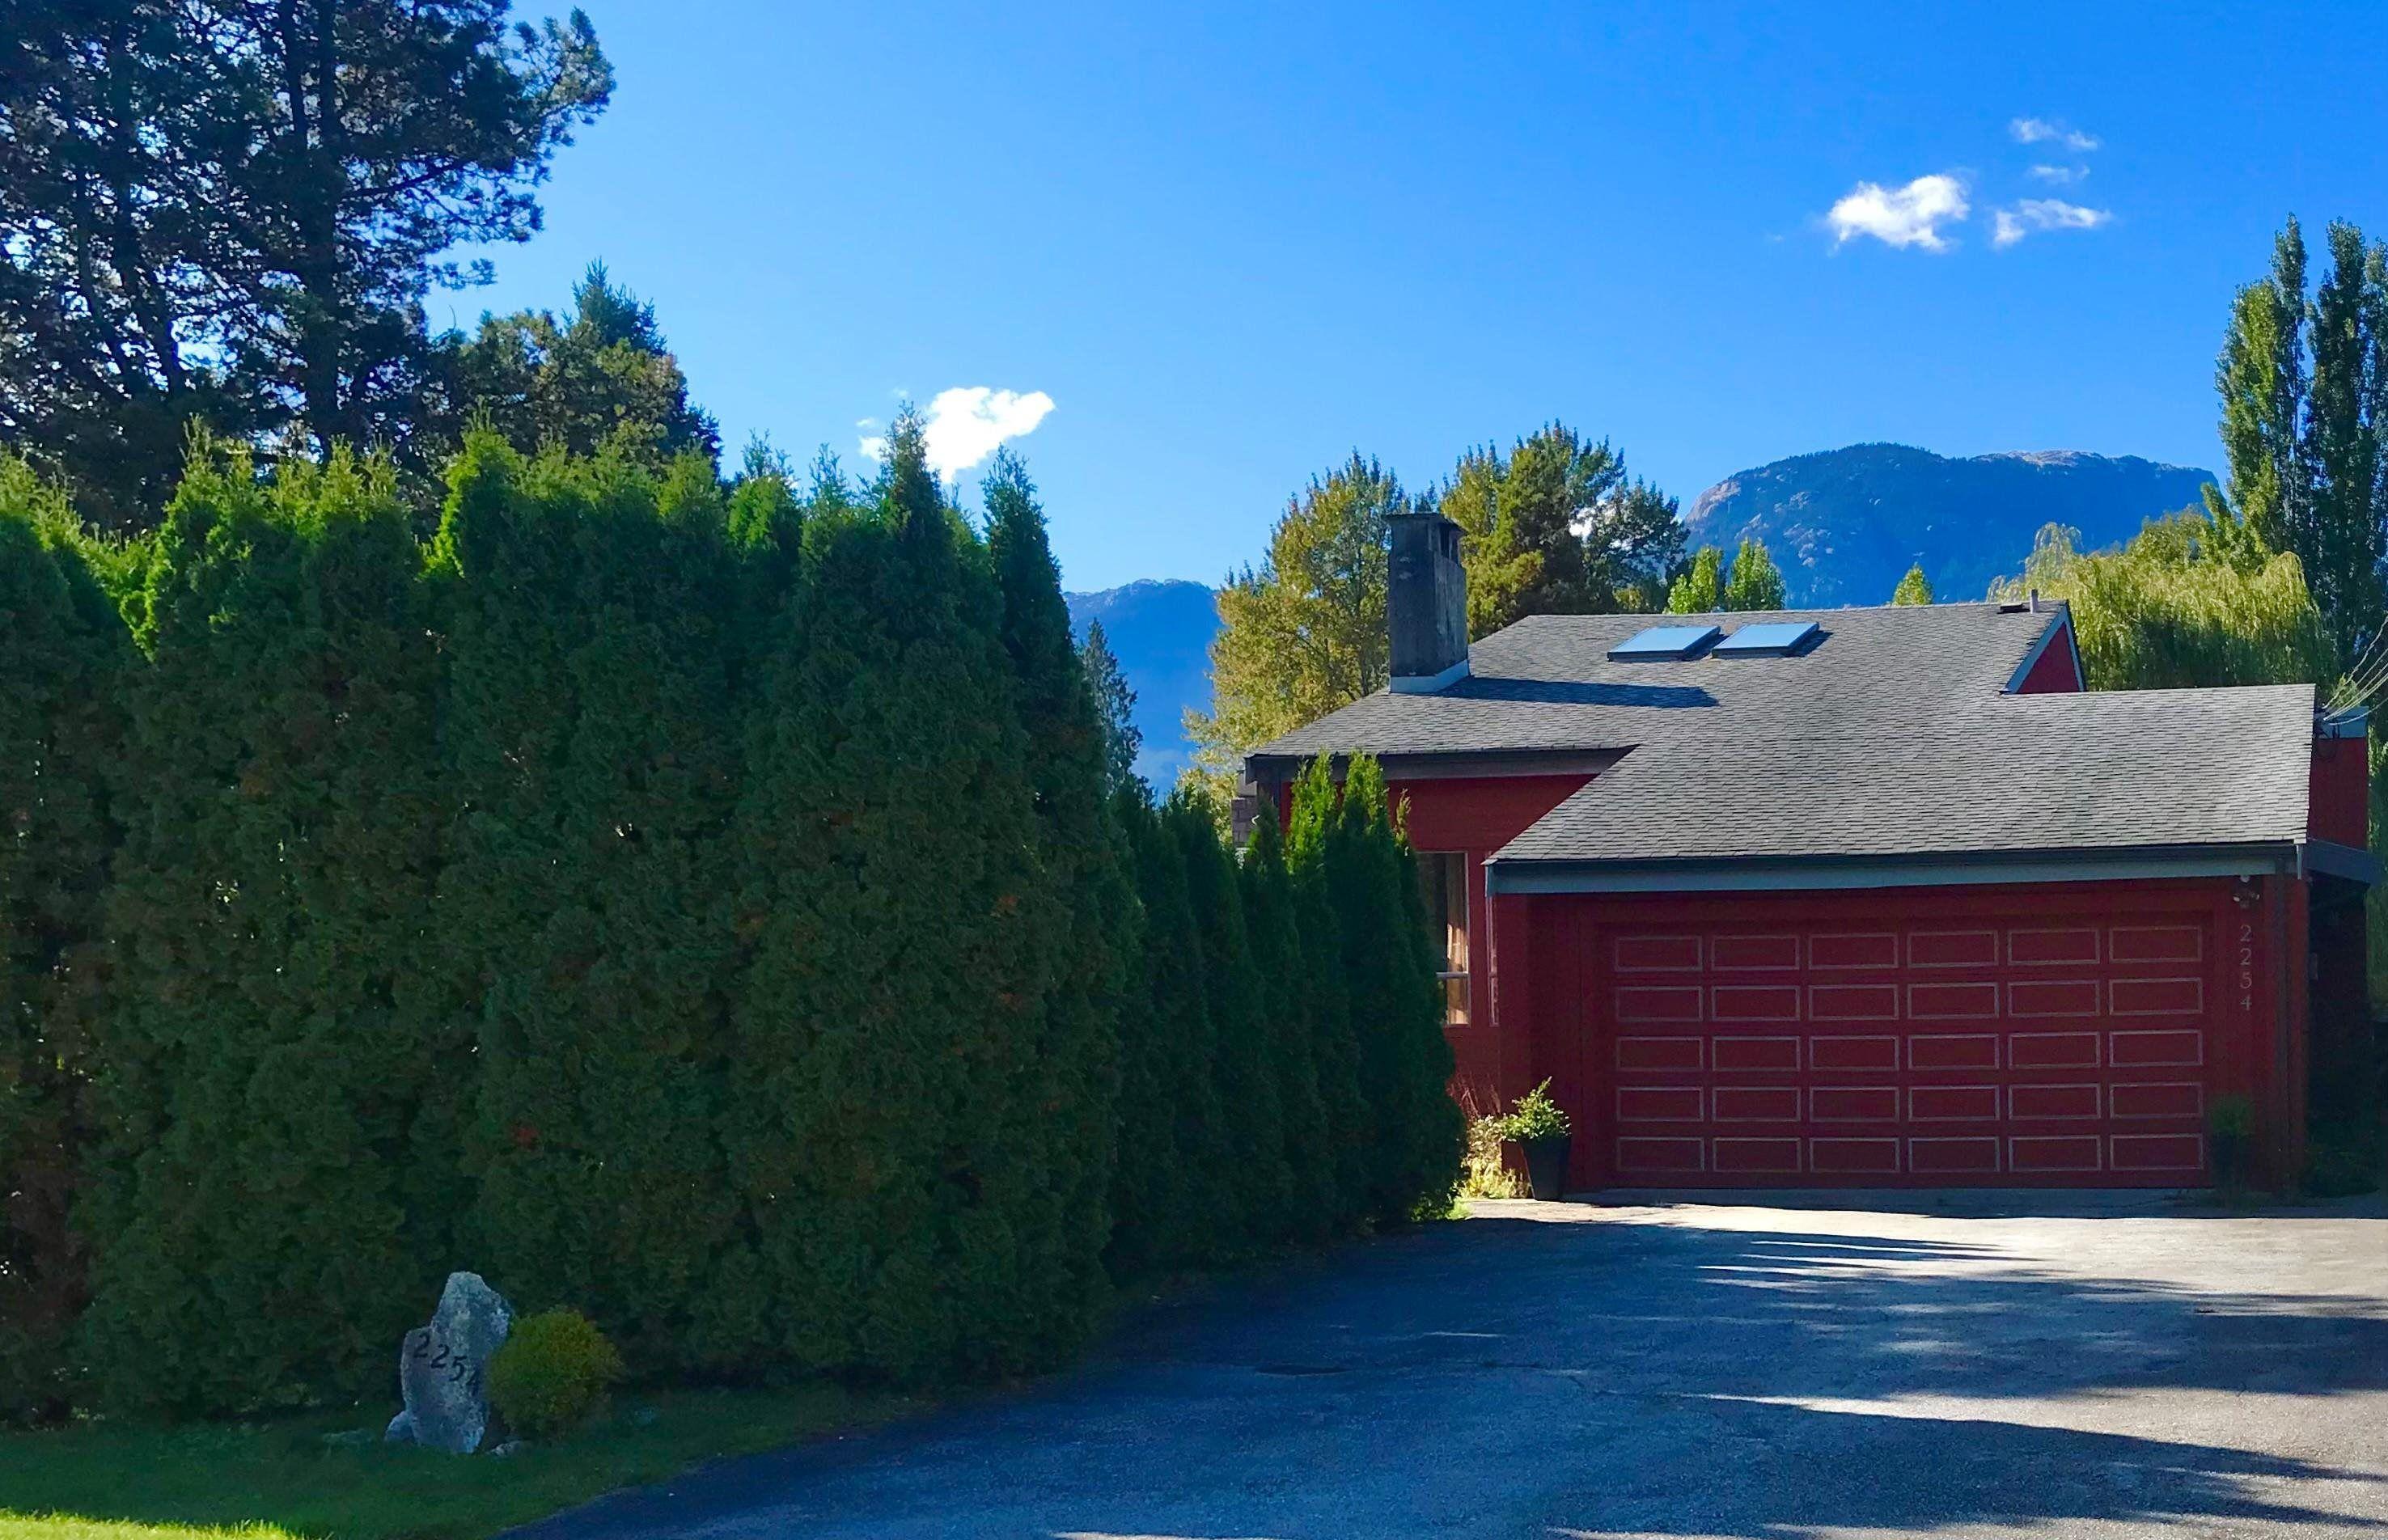 """Main Photo: 2254 READ Crescent in Squamish: Garibaldi Estates House for sale in """"Garibaldi Estates"""" : MLS®# R2624597"""